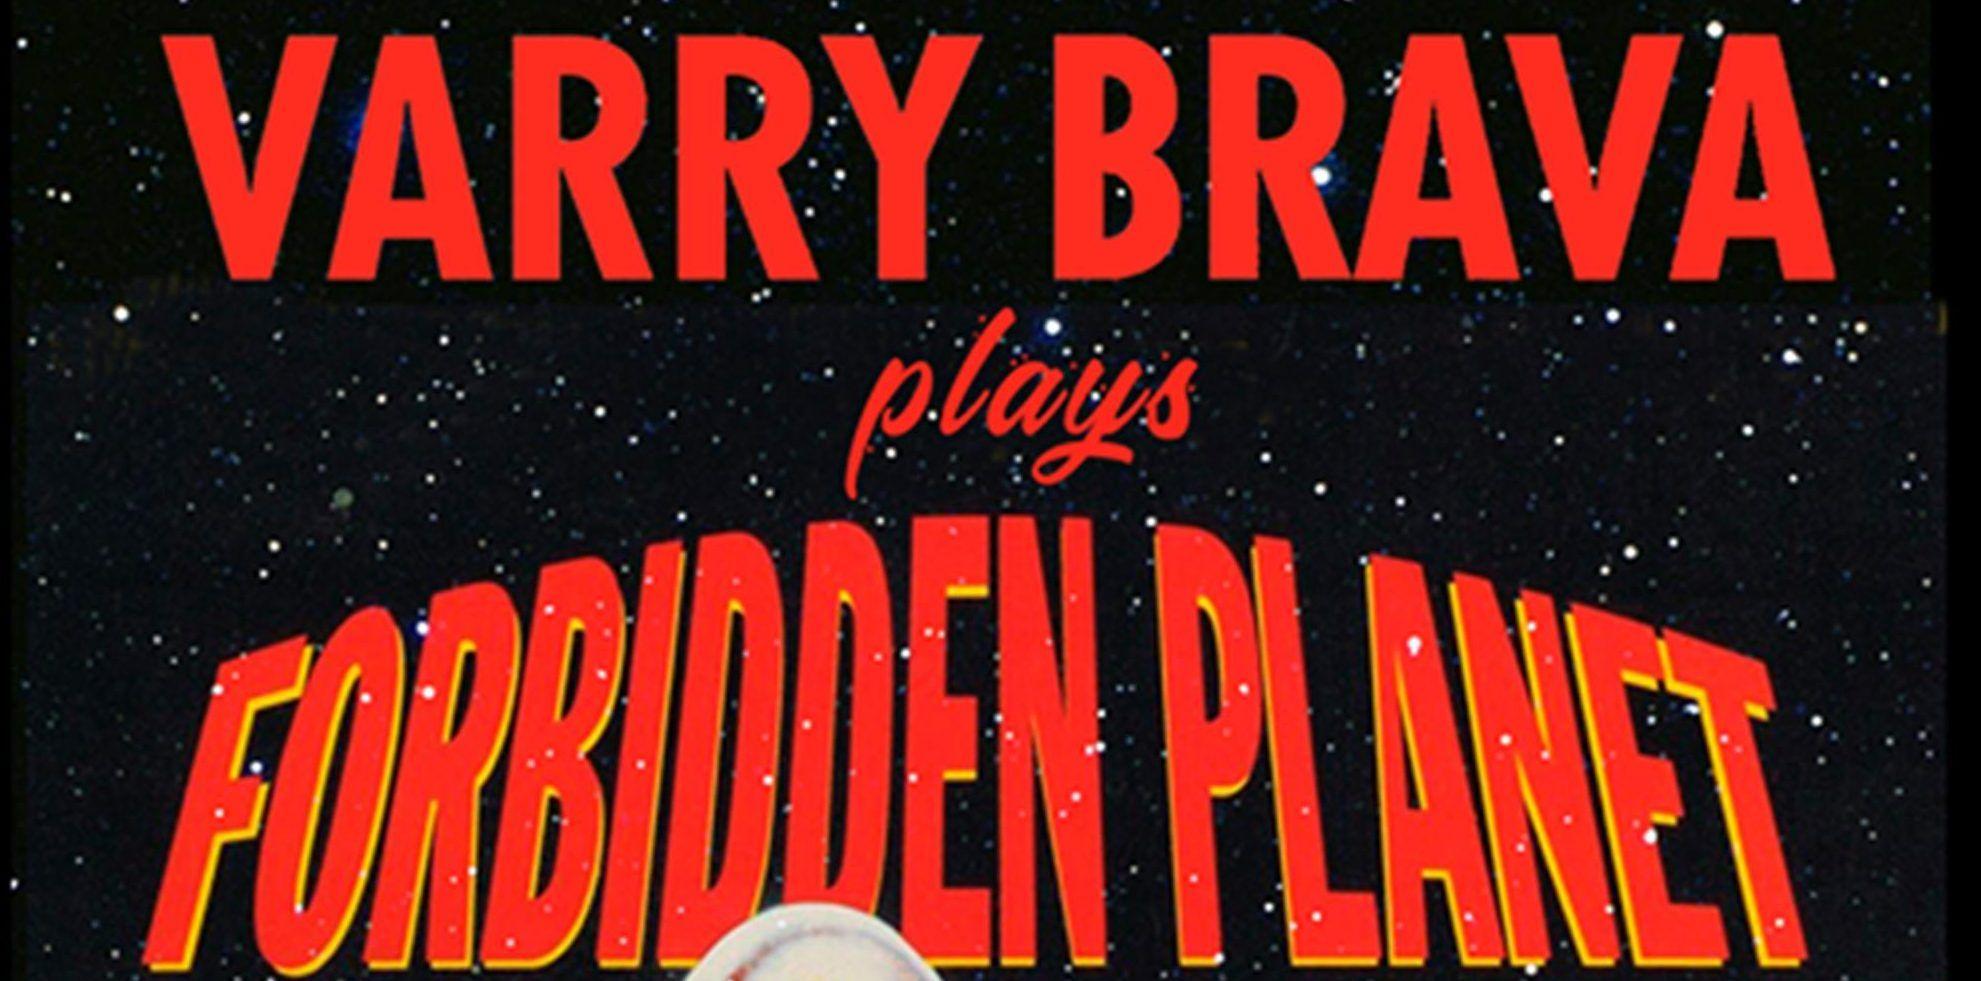 Varry Brava pondrá música en directo al clásico de ciencia ficción 'Forbidden Planet'